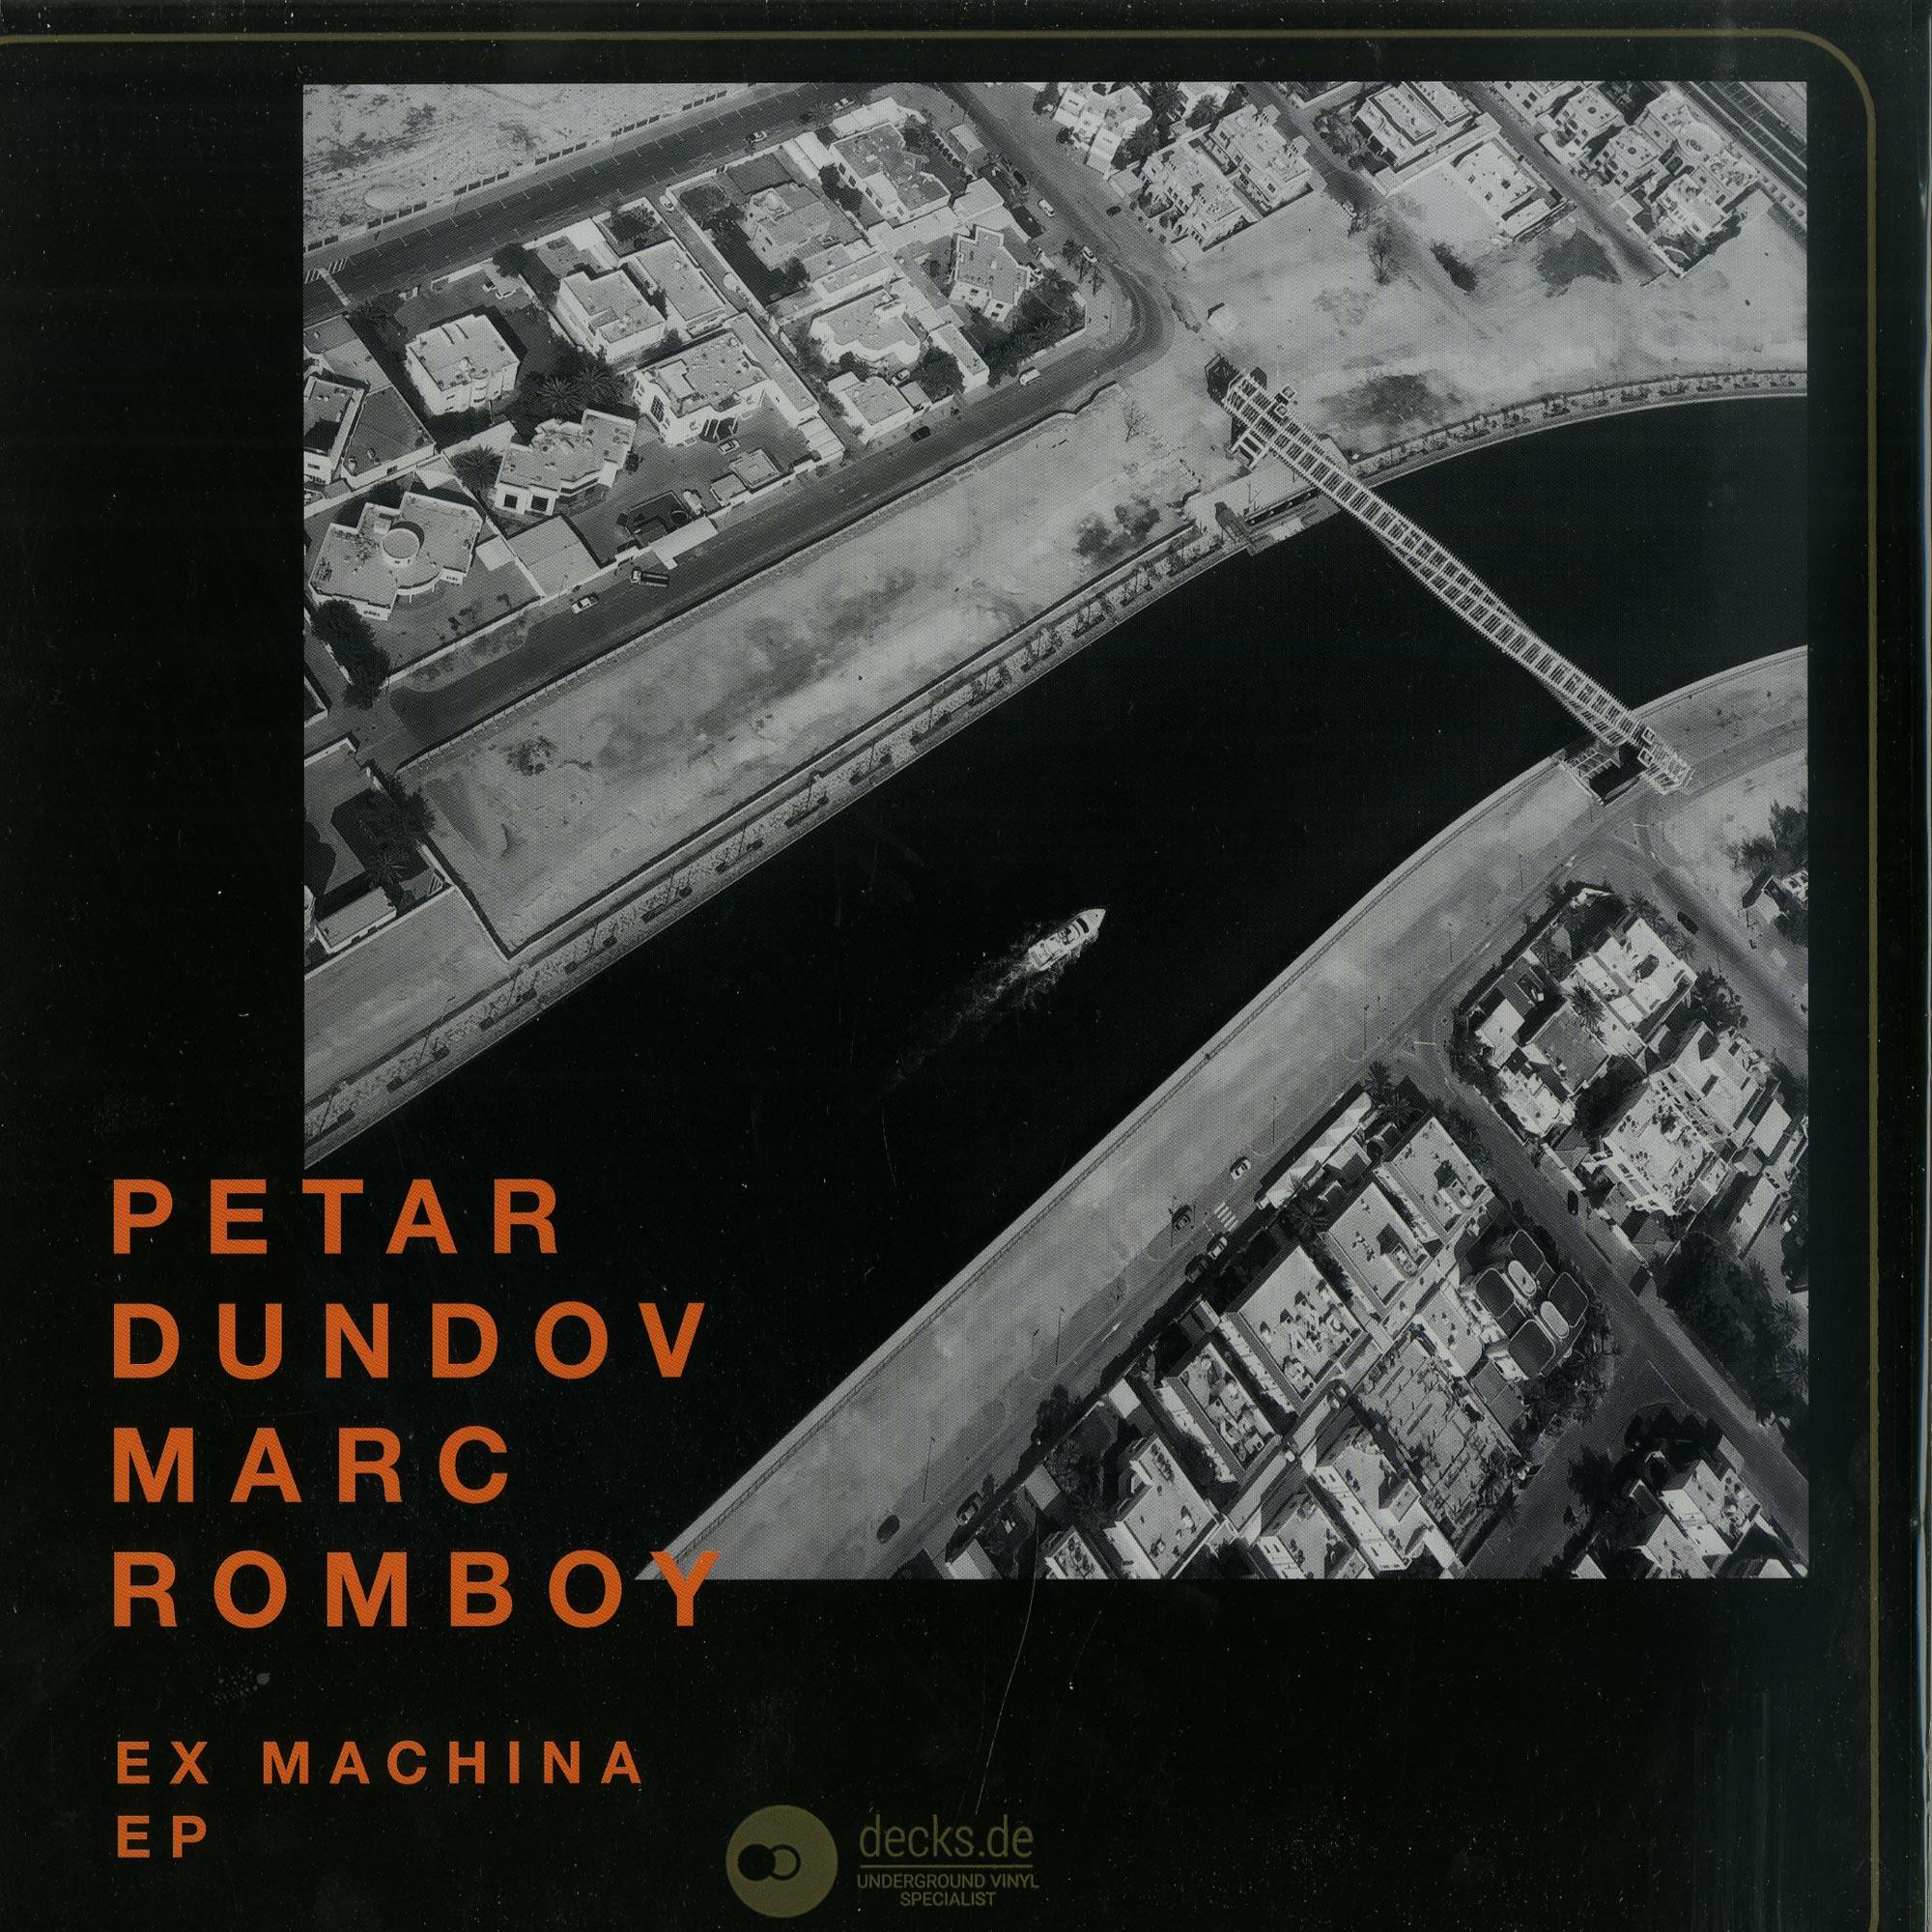 Petar Dundov & Marc Romboy - EX MACHINA EP